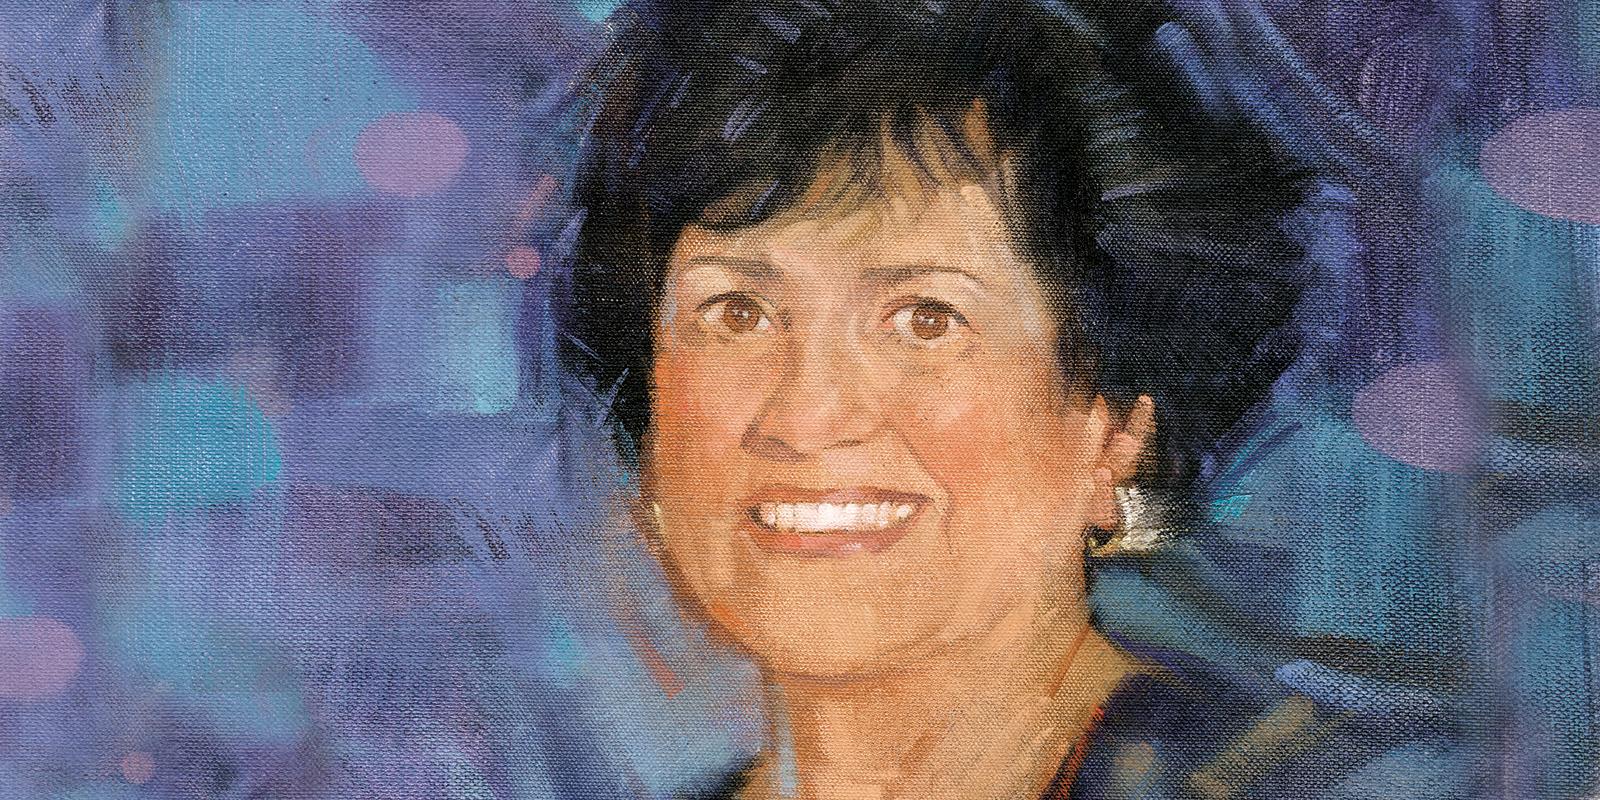 Illustration of Carol Vassiliadis